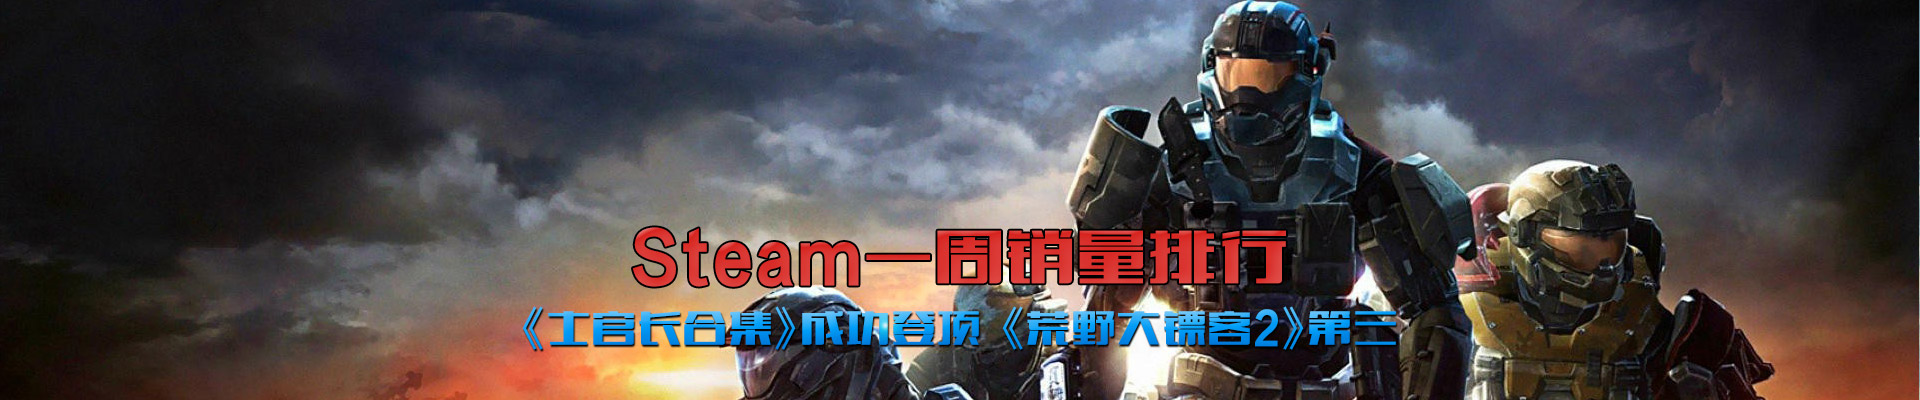 Steam周销量排行榜:《士官长合集》成功登顶 《荒野大镖客2》第三